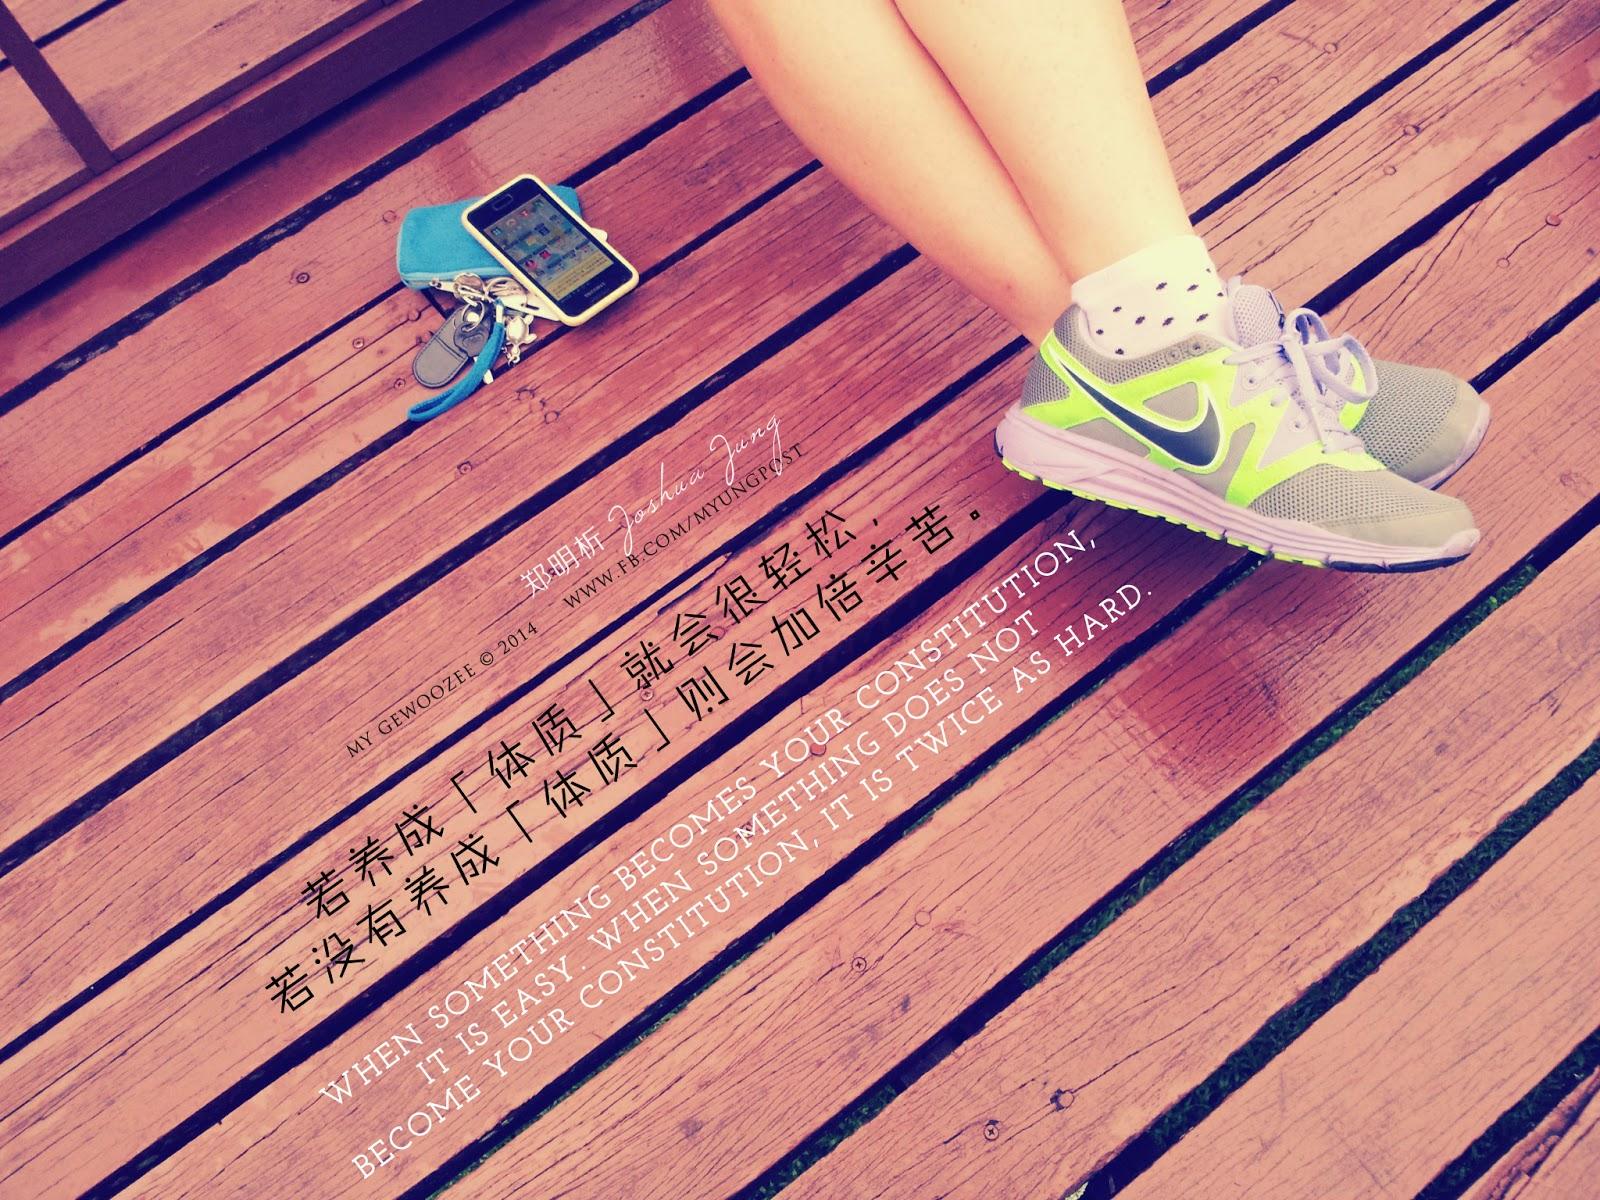 郑明析,摄理,月明洞,体质,运动,Joshua Jung, Providence, Wolmyeong Dong, Constitution, sport